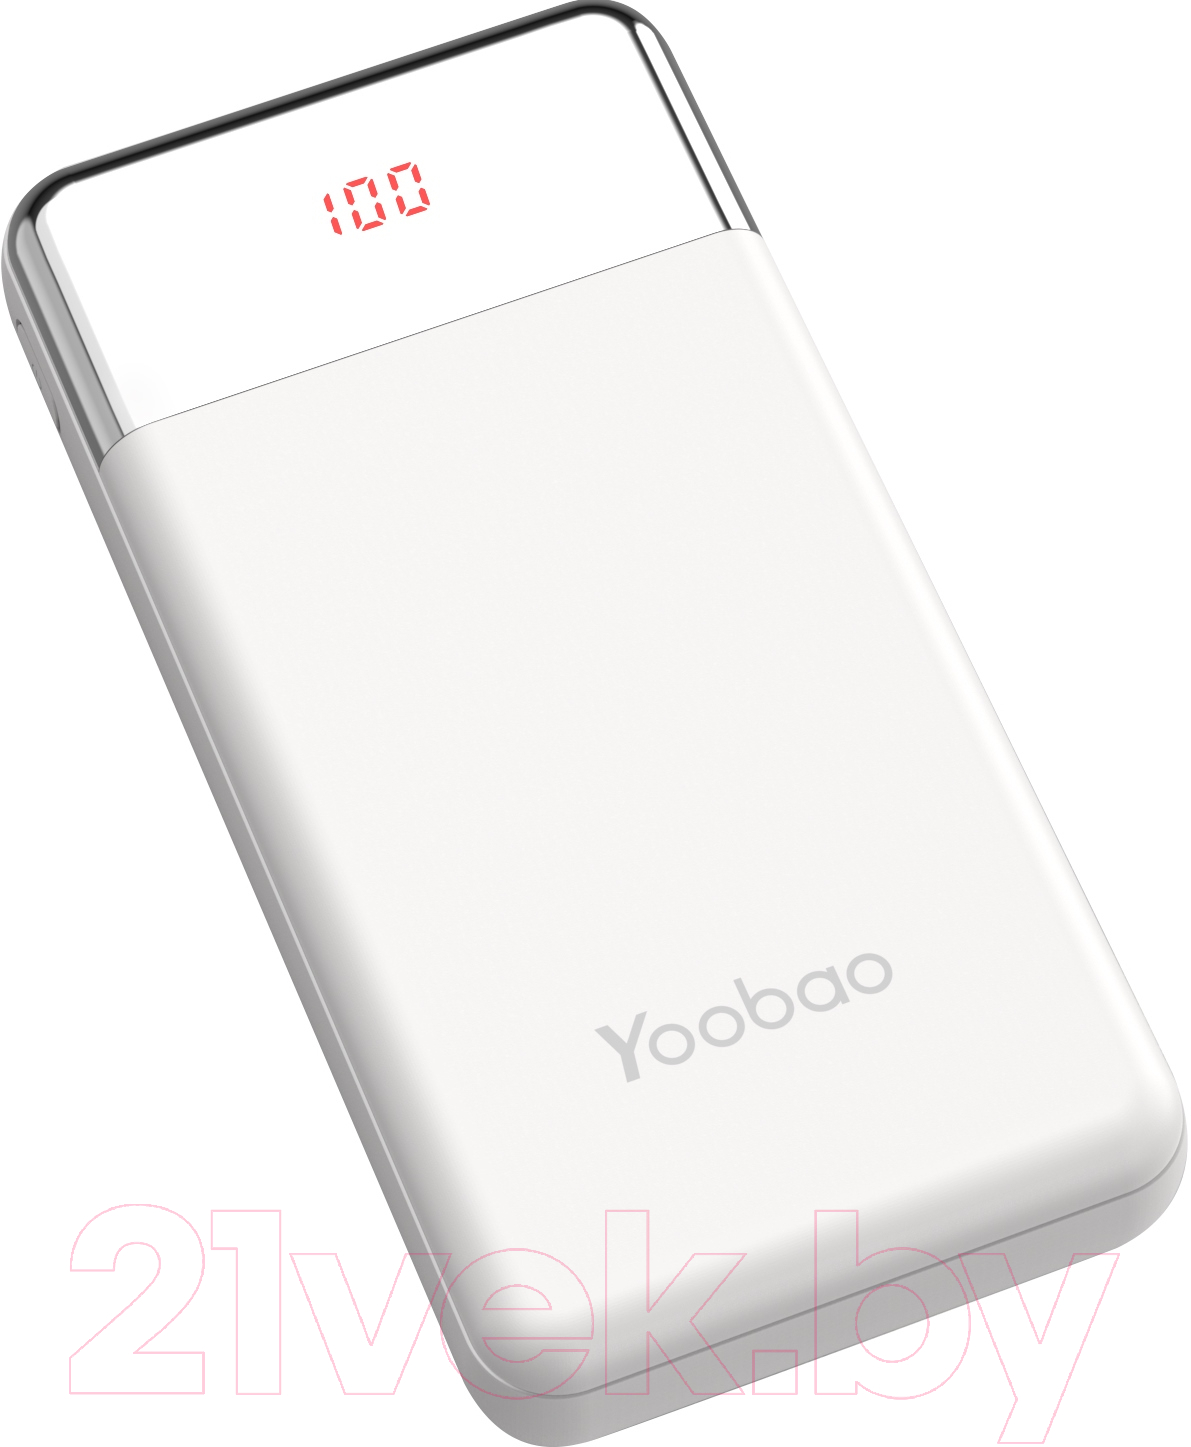 Купить Портативное зарядное устройство Yoobao, Power Bank PD 30W (белый), Китай